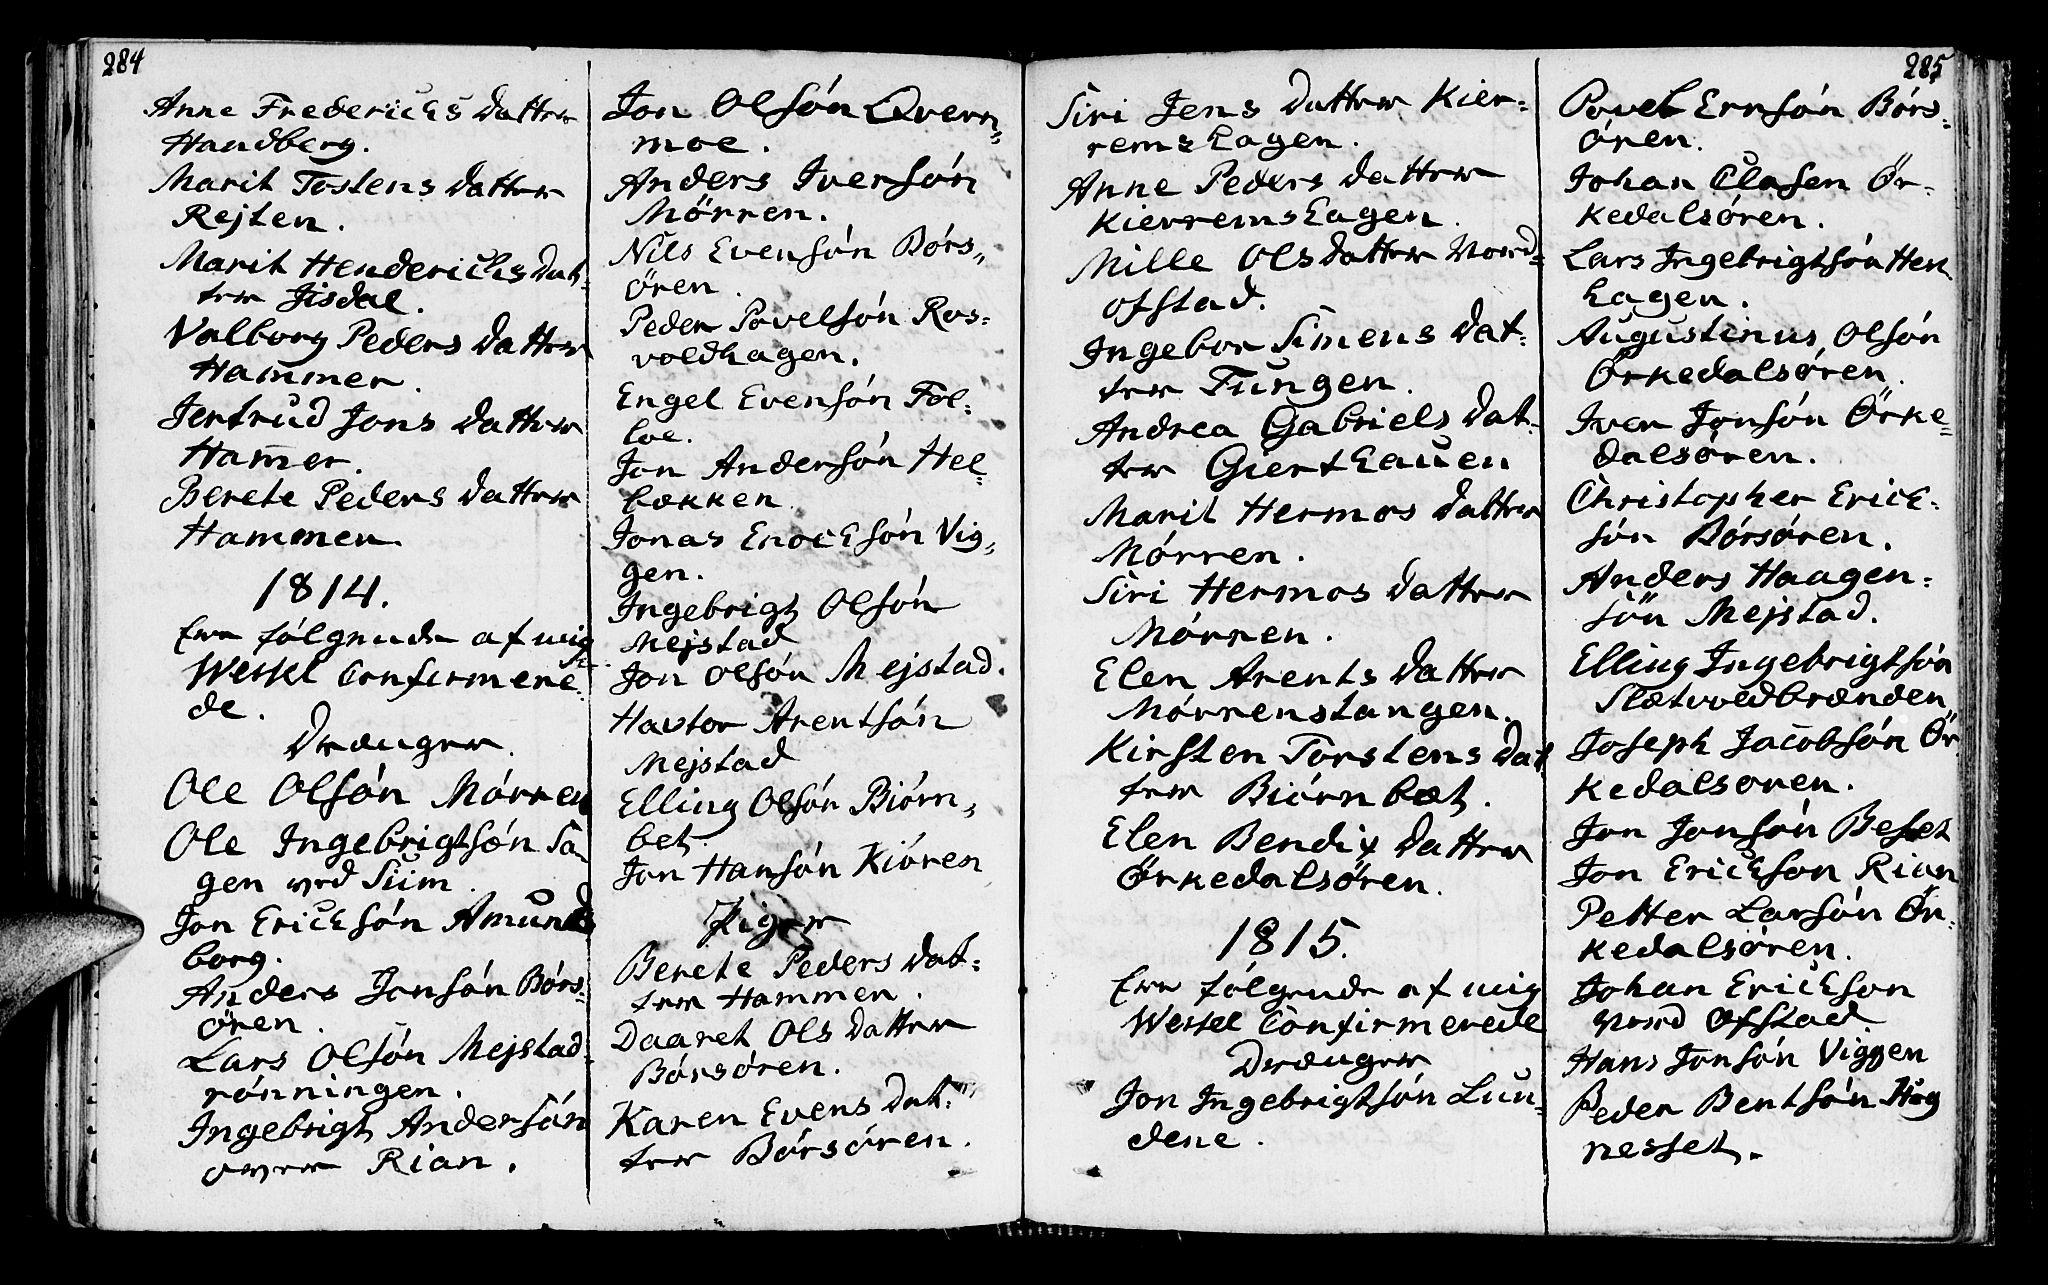 SAT, Ministerialprotokoller, klokkerbøker og fødselsregistre - Sør-Trøndelag, 665/L0769: Ministerialbok nr. 665A04, 1803-1816, s. 284-285